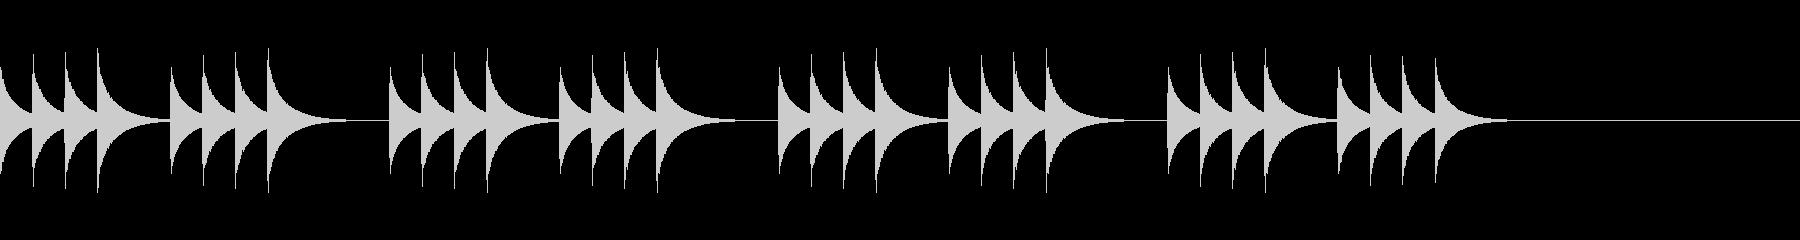 柔らかいコール音01の未再生の波形